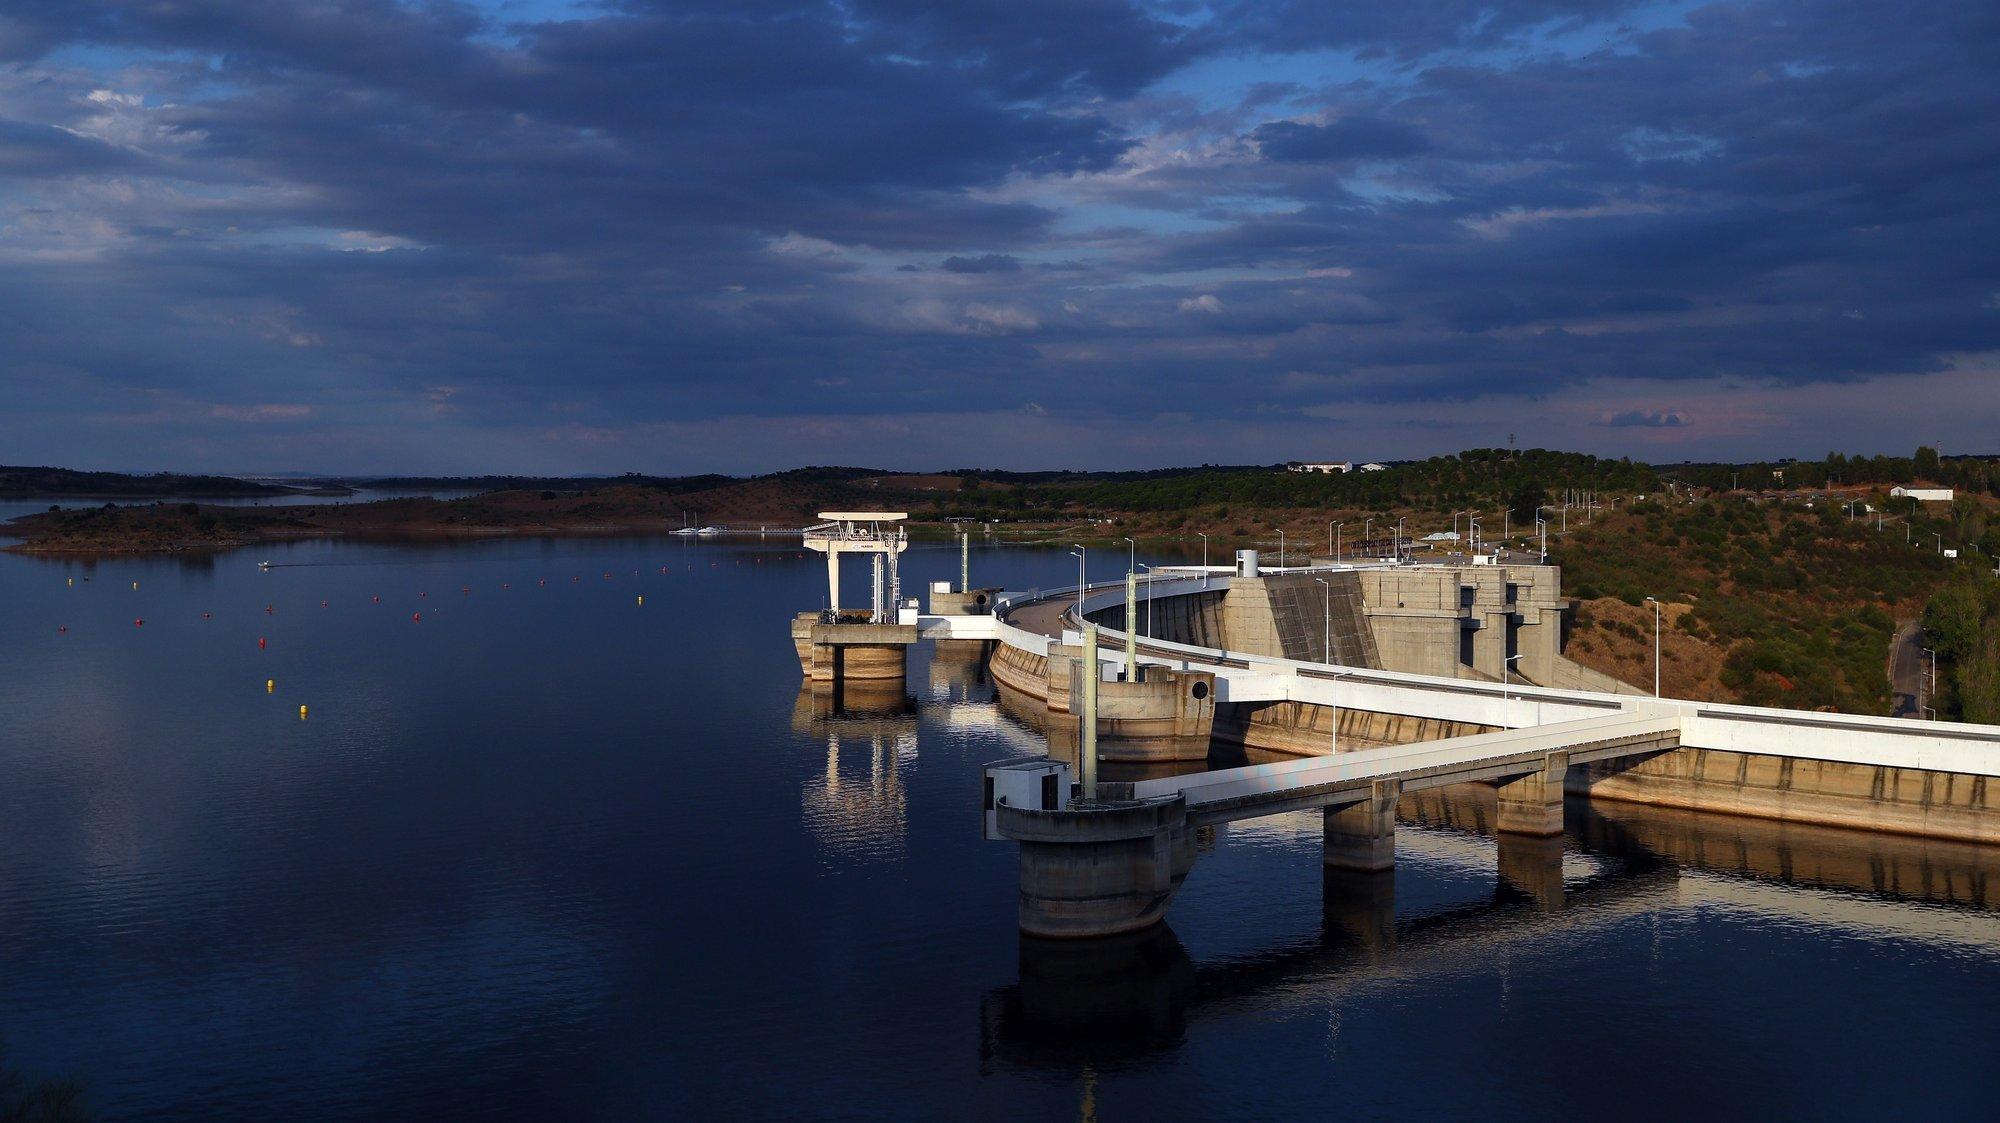 Imagem da barragem de Alqueva nas últimas horas de verão deste ano, Portel, 22 de setembro de 2021. O Outono começa oficialmente perto das 20.30 de hoje e há alerta de mau tempo para amanhã em quase todo o território nacional. NUNO VEIGA/LUSA